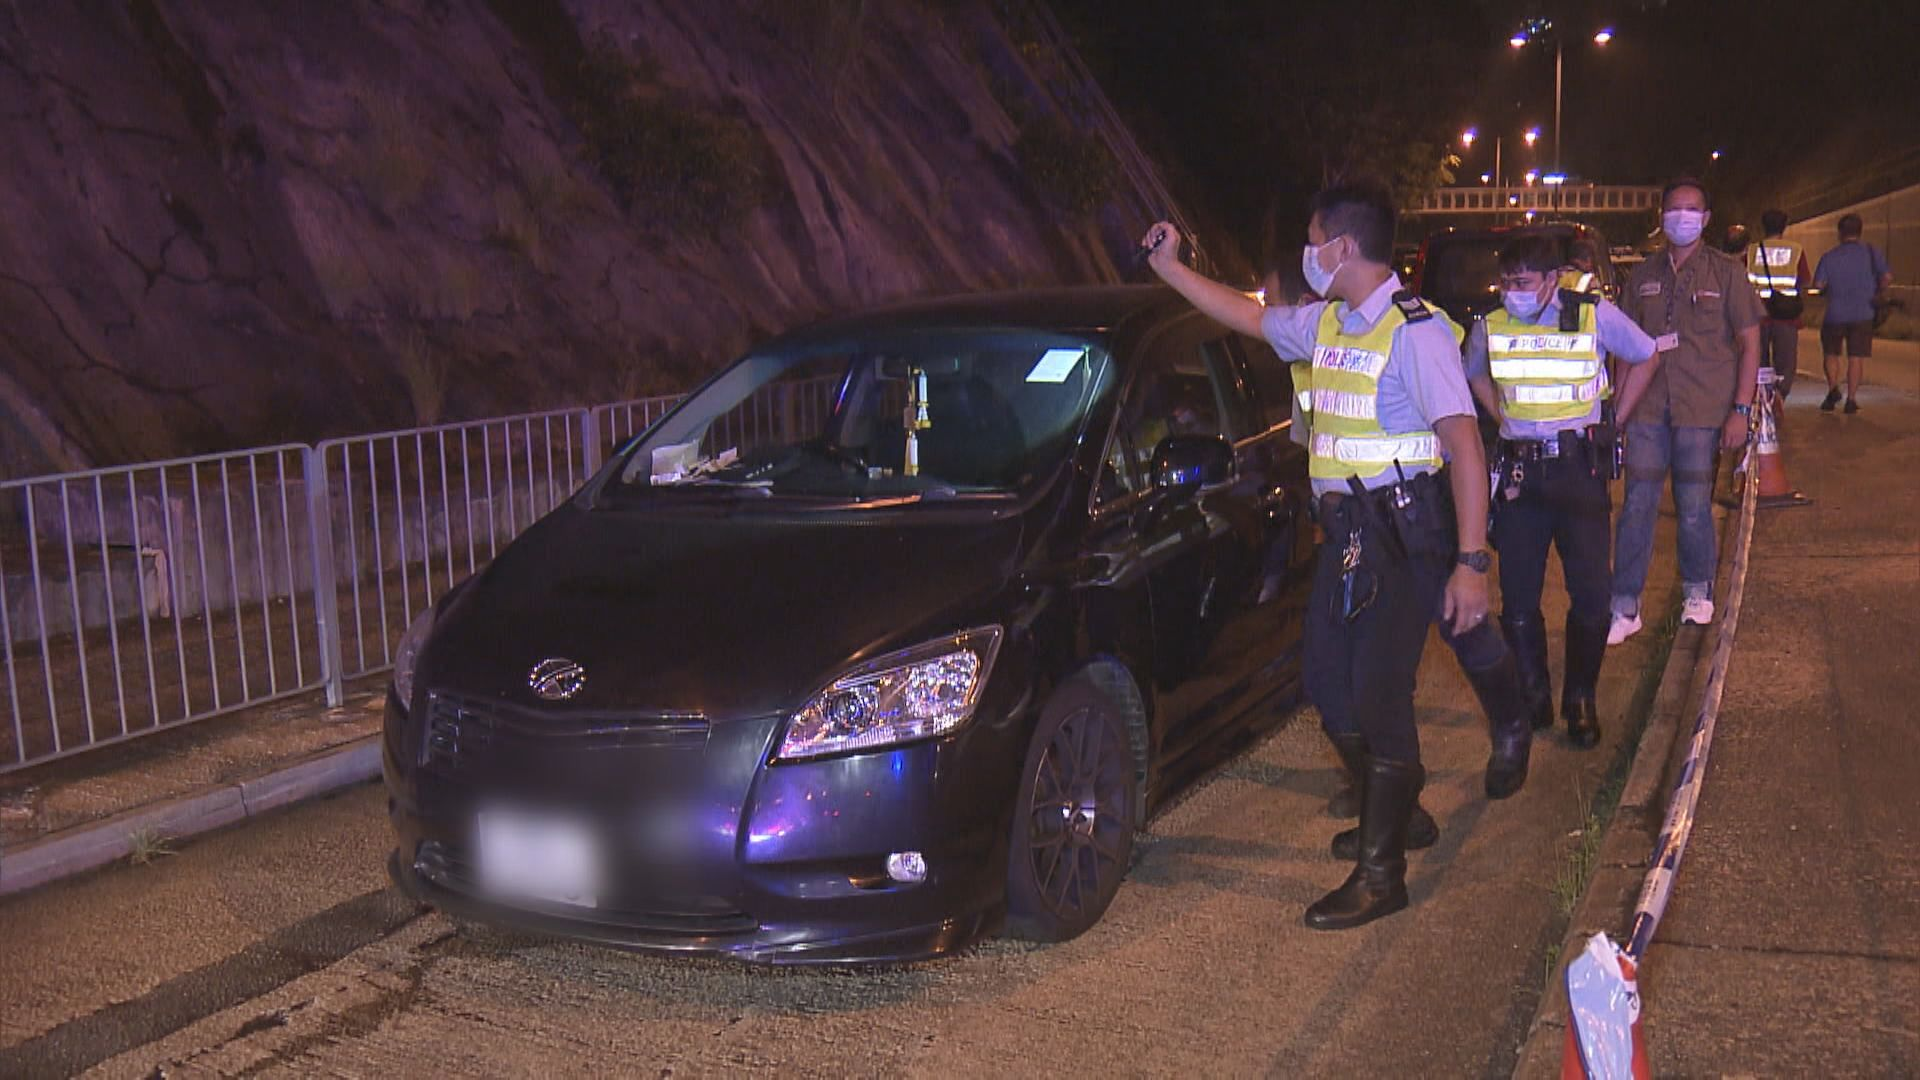 警長沙灣追截可疑車司機涉危駕被捕 未發現違禁物品